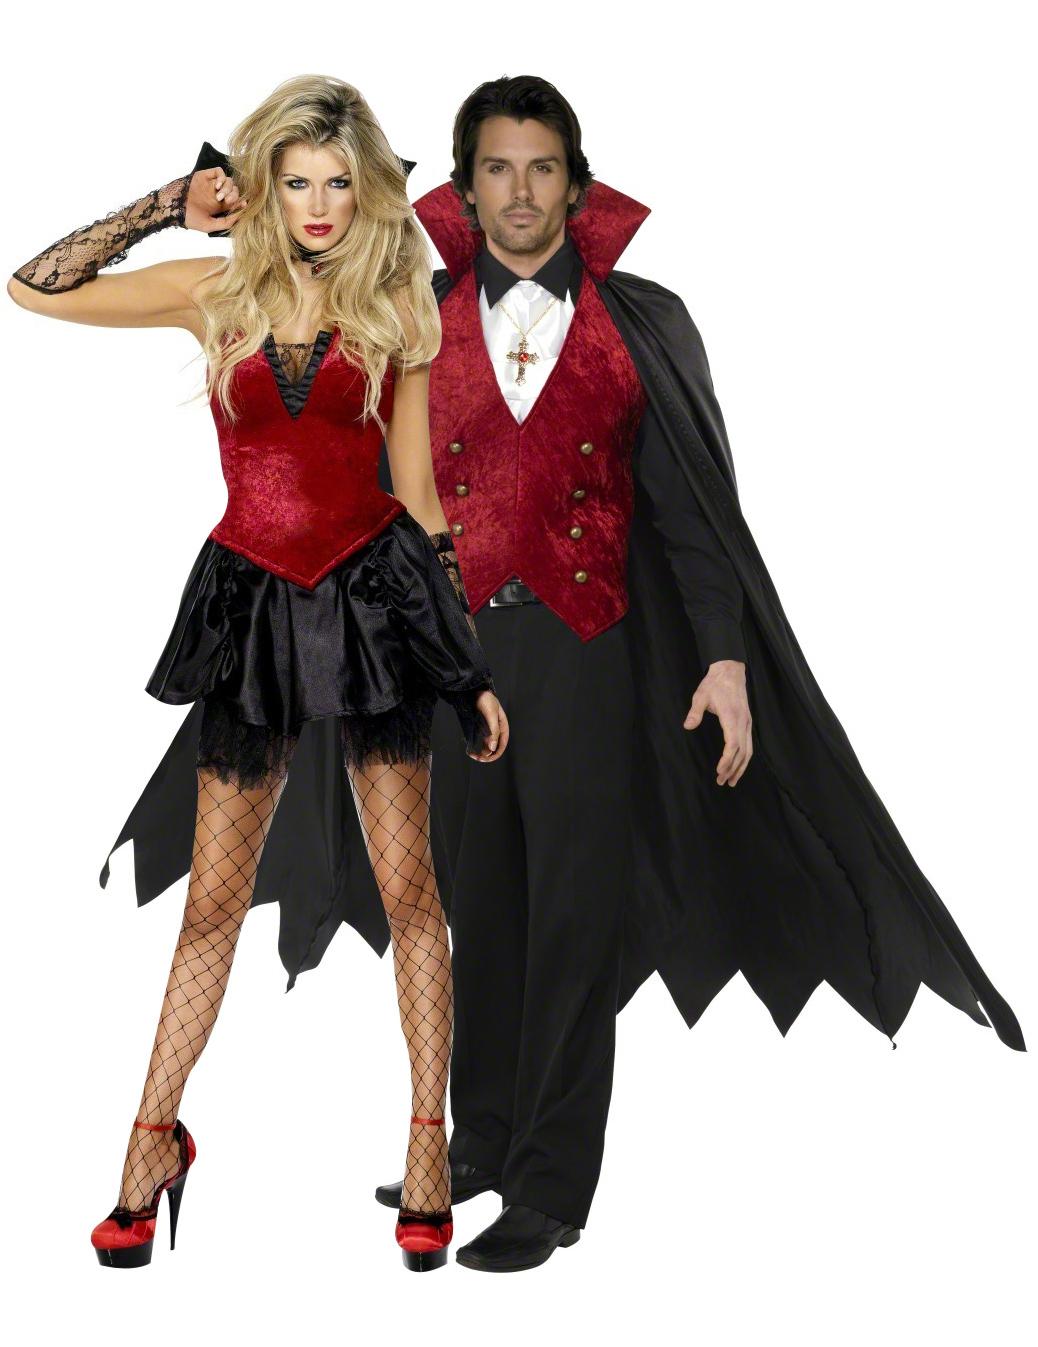 Un sexy vampiro ti aspetta per succhiarti tutto il sangue questo halloween - 4 9